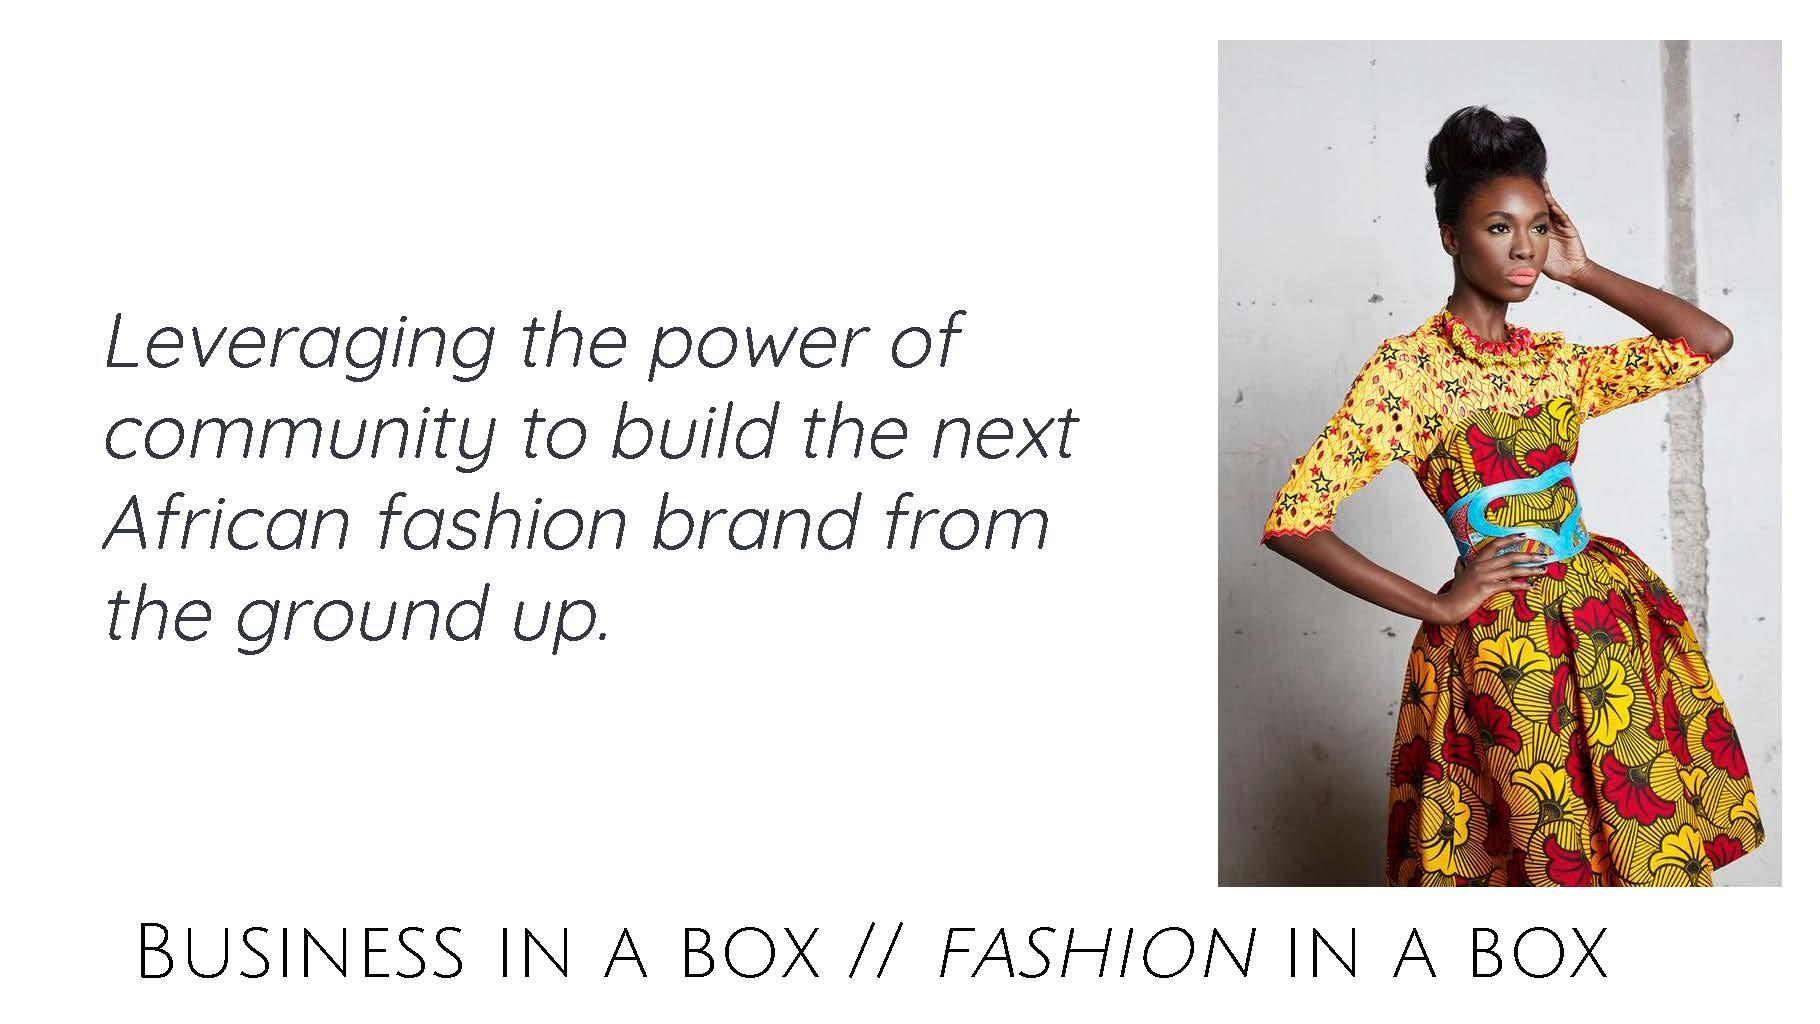 Fashion Box - Final Pitch Deck-1_Page_02.jpg